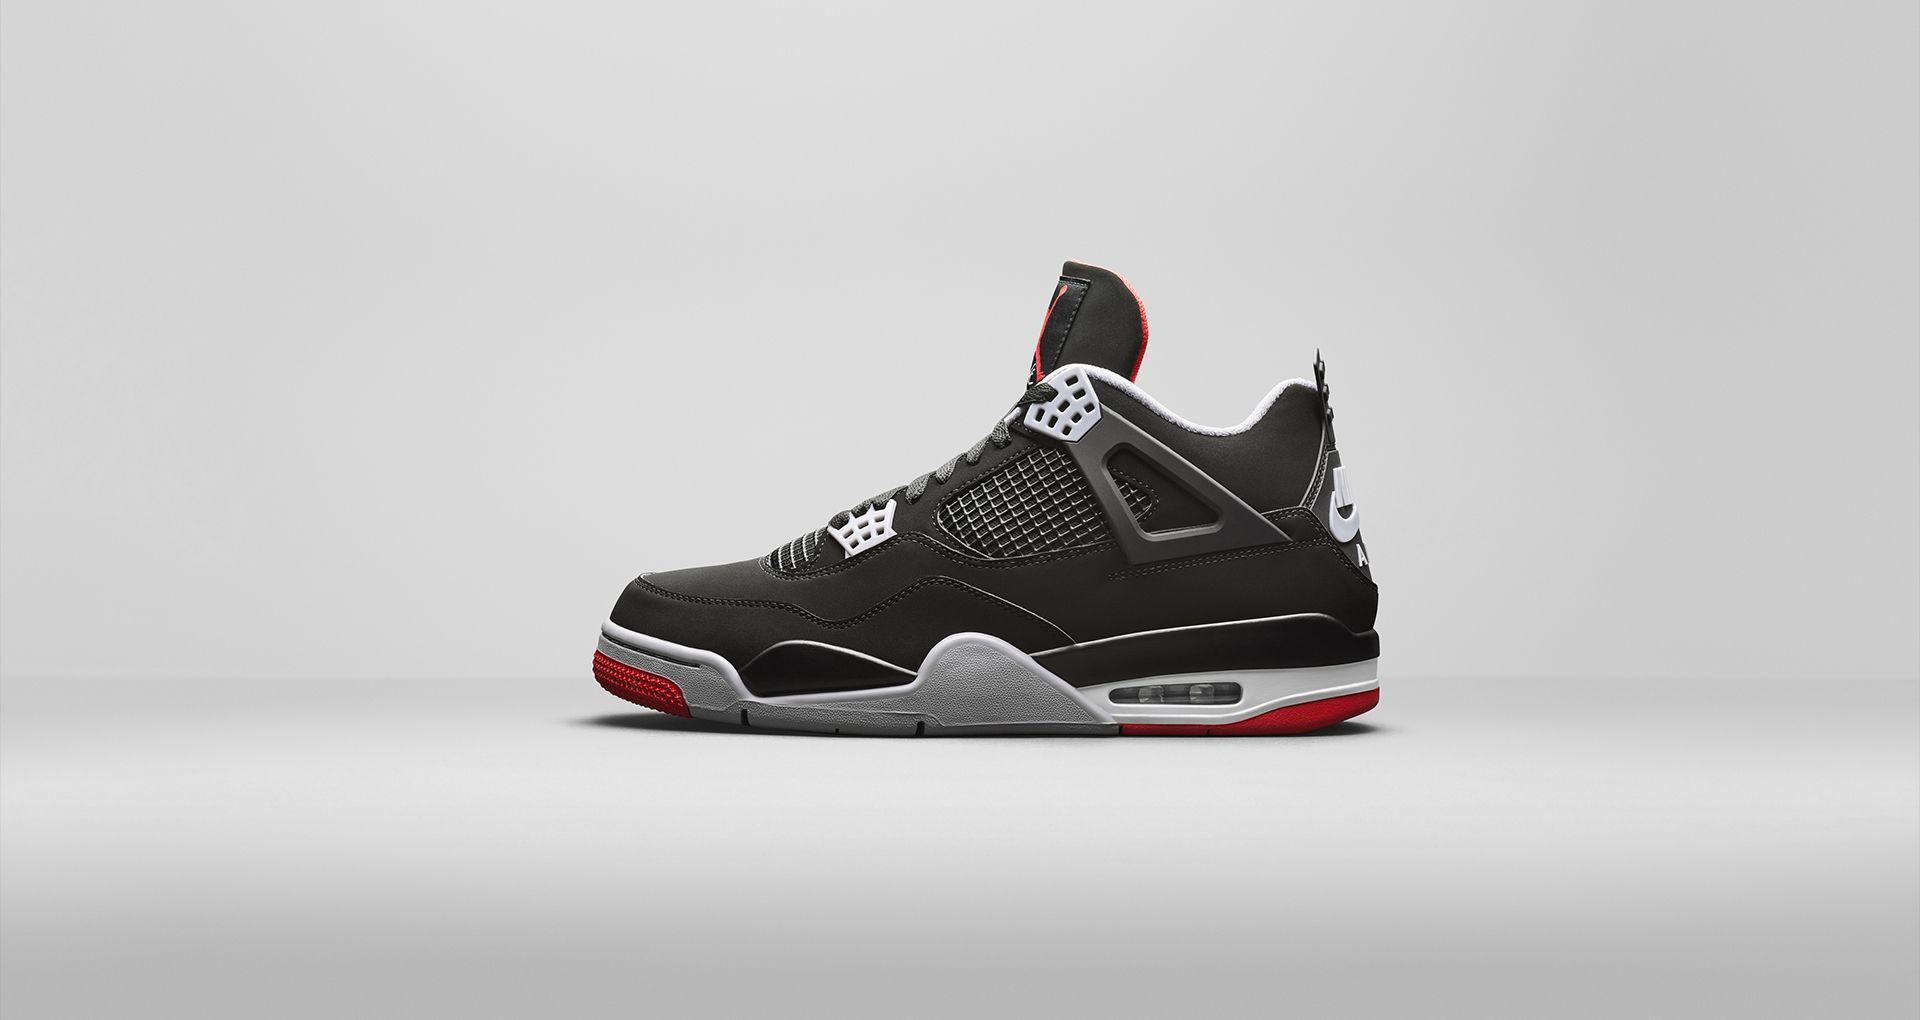 reputable site 6ad1e b11a9 Air Jordan 4  The Shot